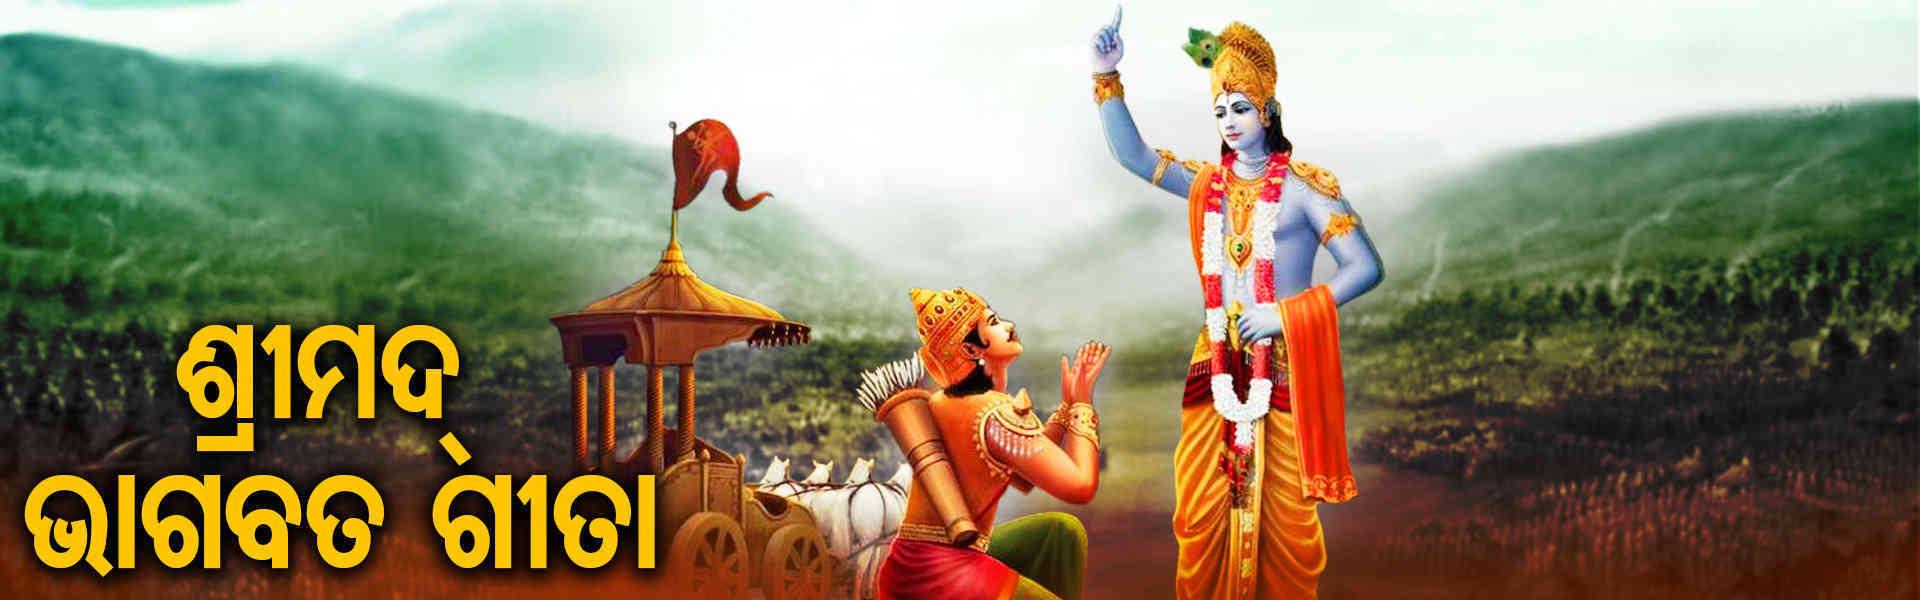 Sri Mad Bhagbat Gita